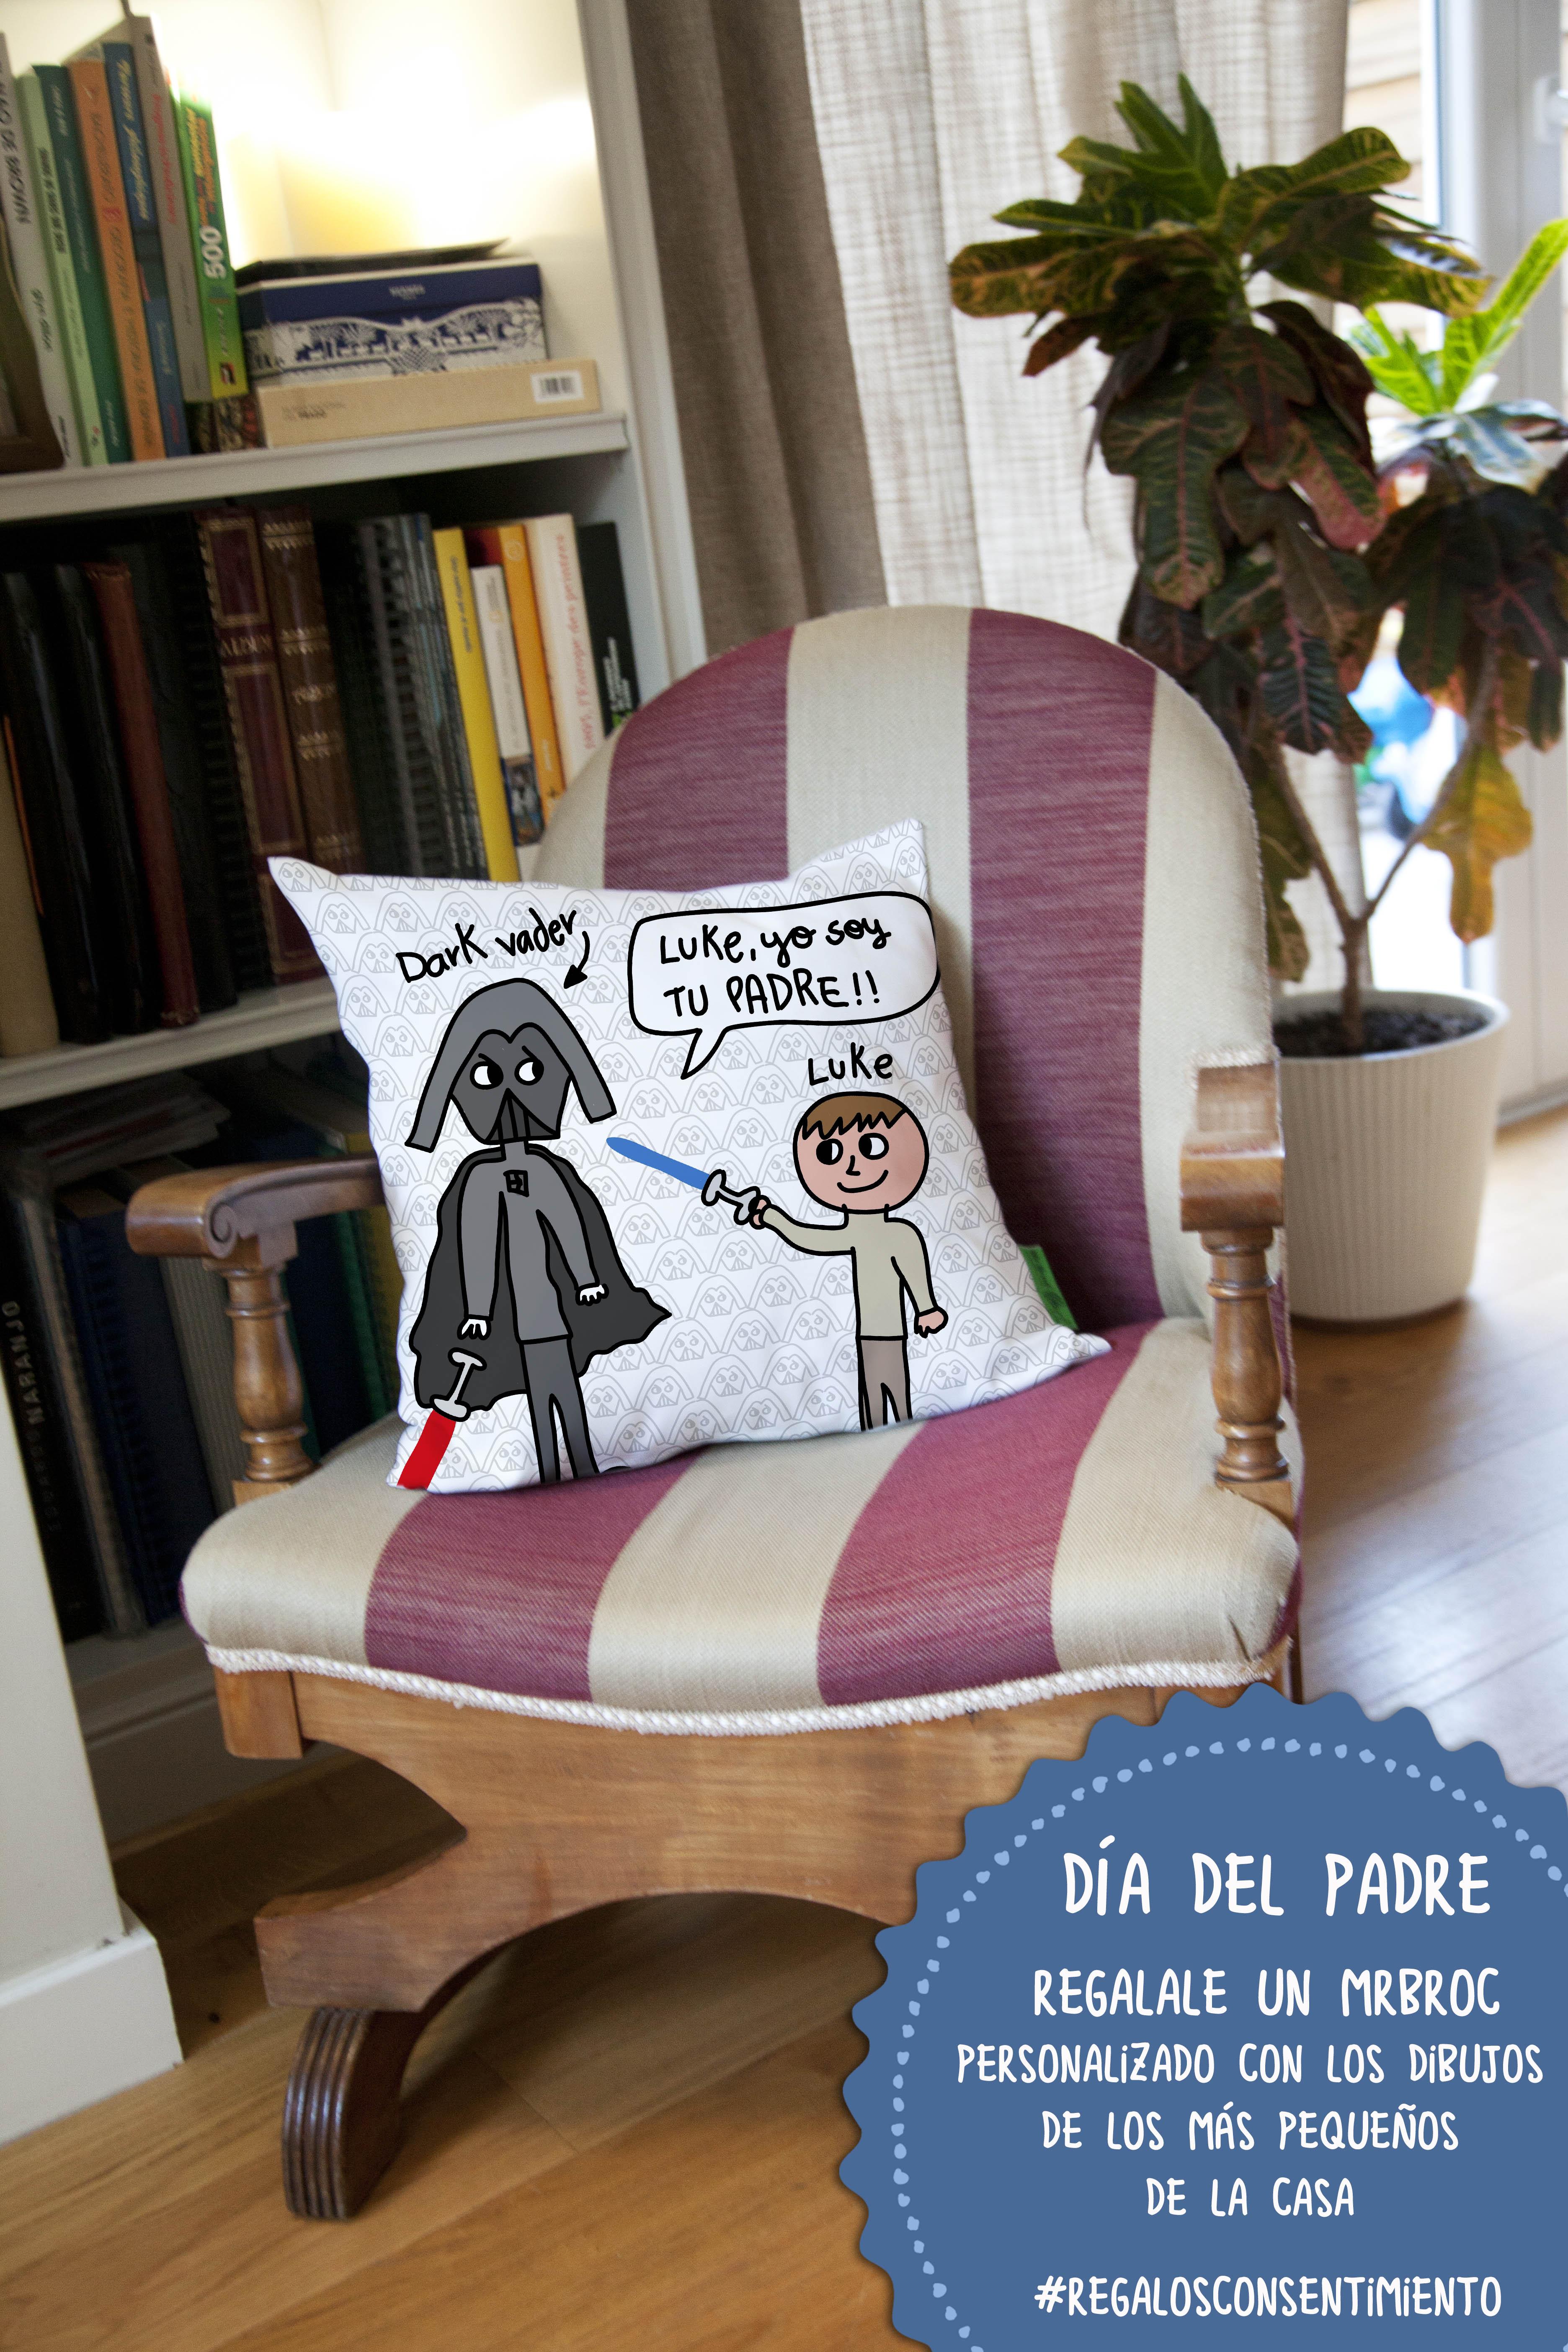 Broc cojin personalizado con dibujos para el Día del Padre | MrBroc